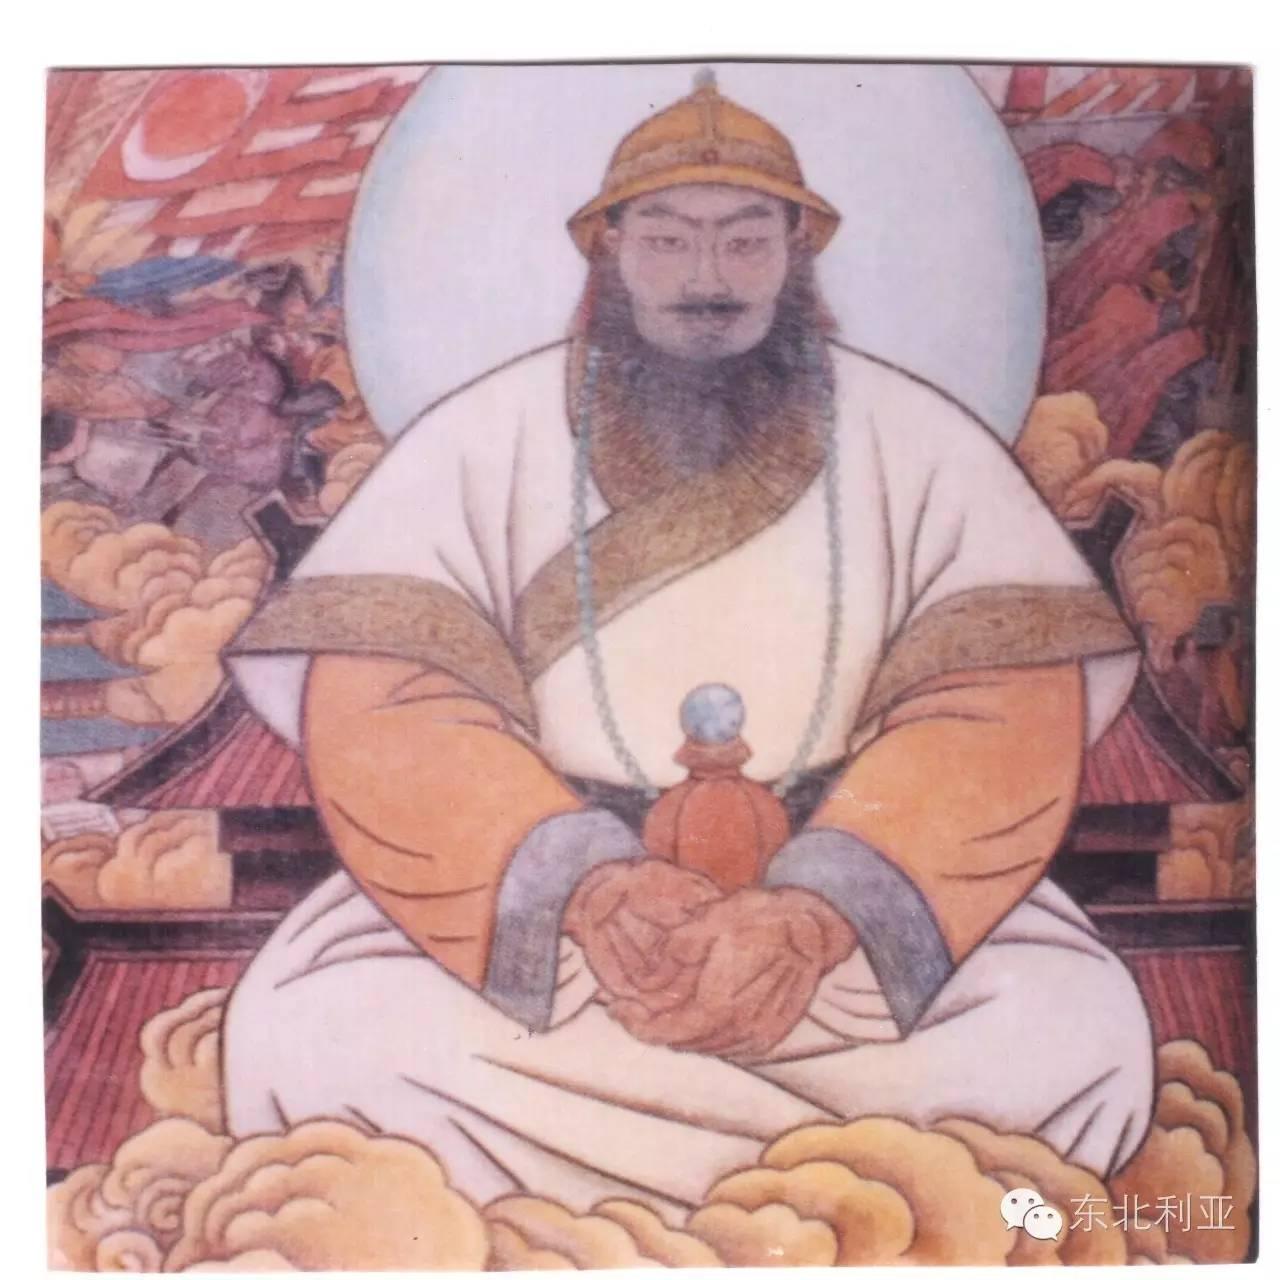 辽宁丨消失的东土默特右旗 第2张 辽宁丨消失的东土默特右旗 蒙古文化